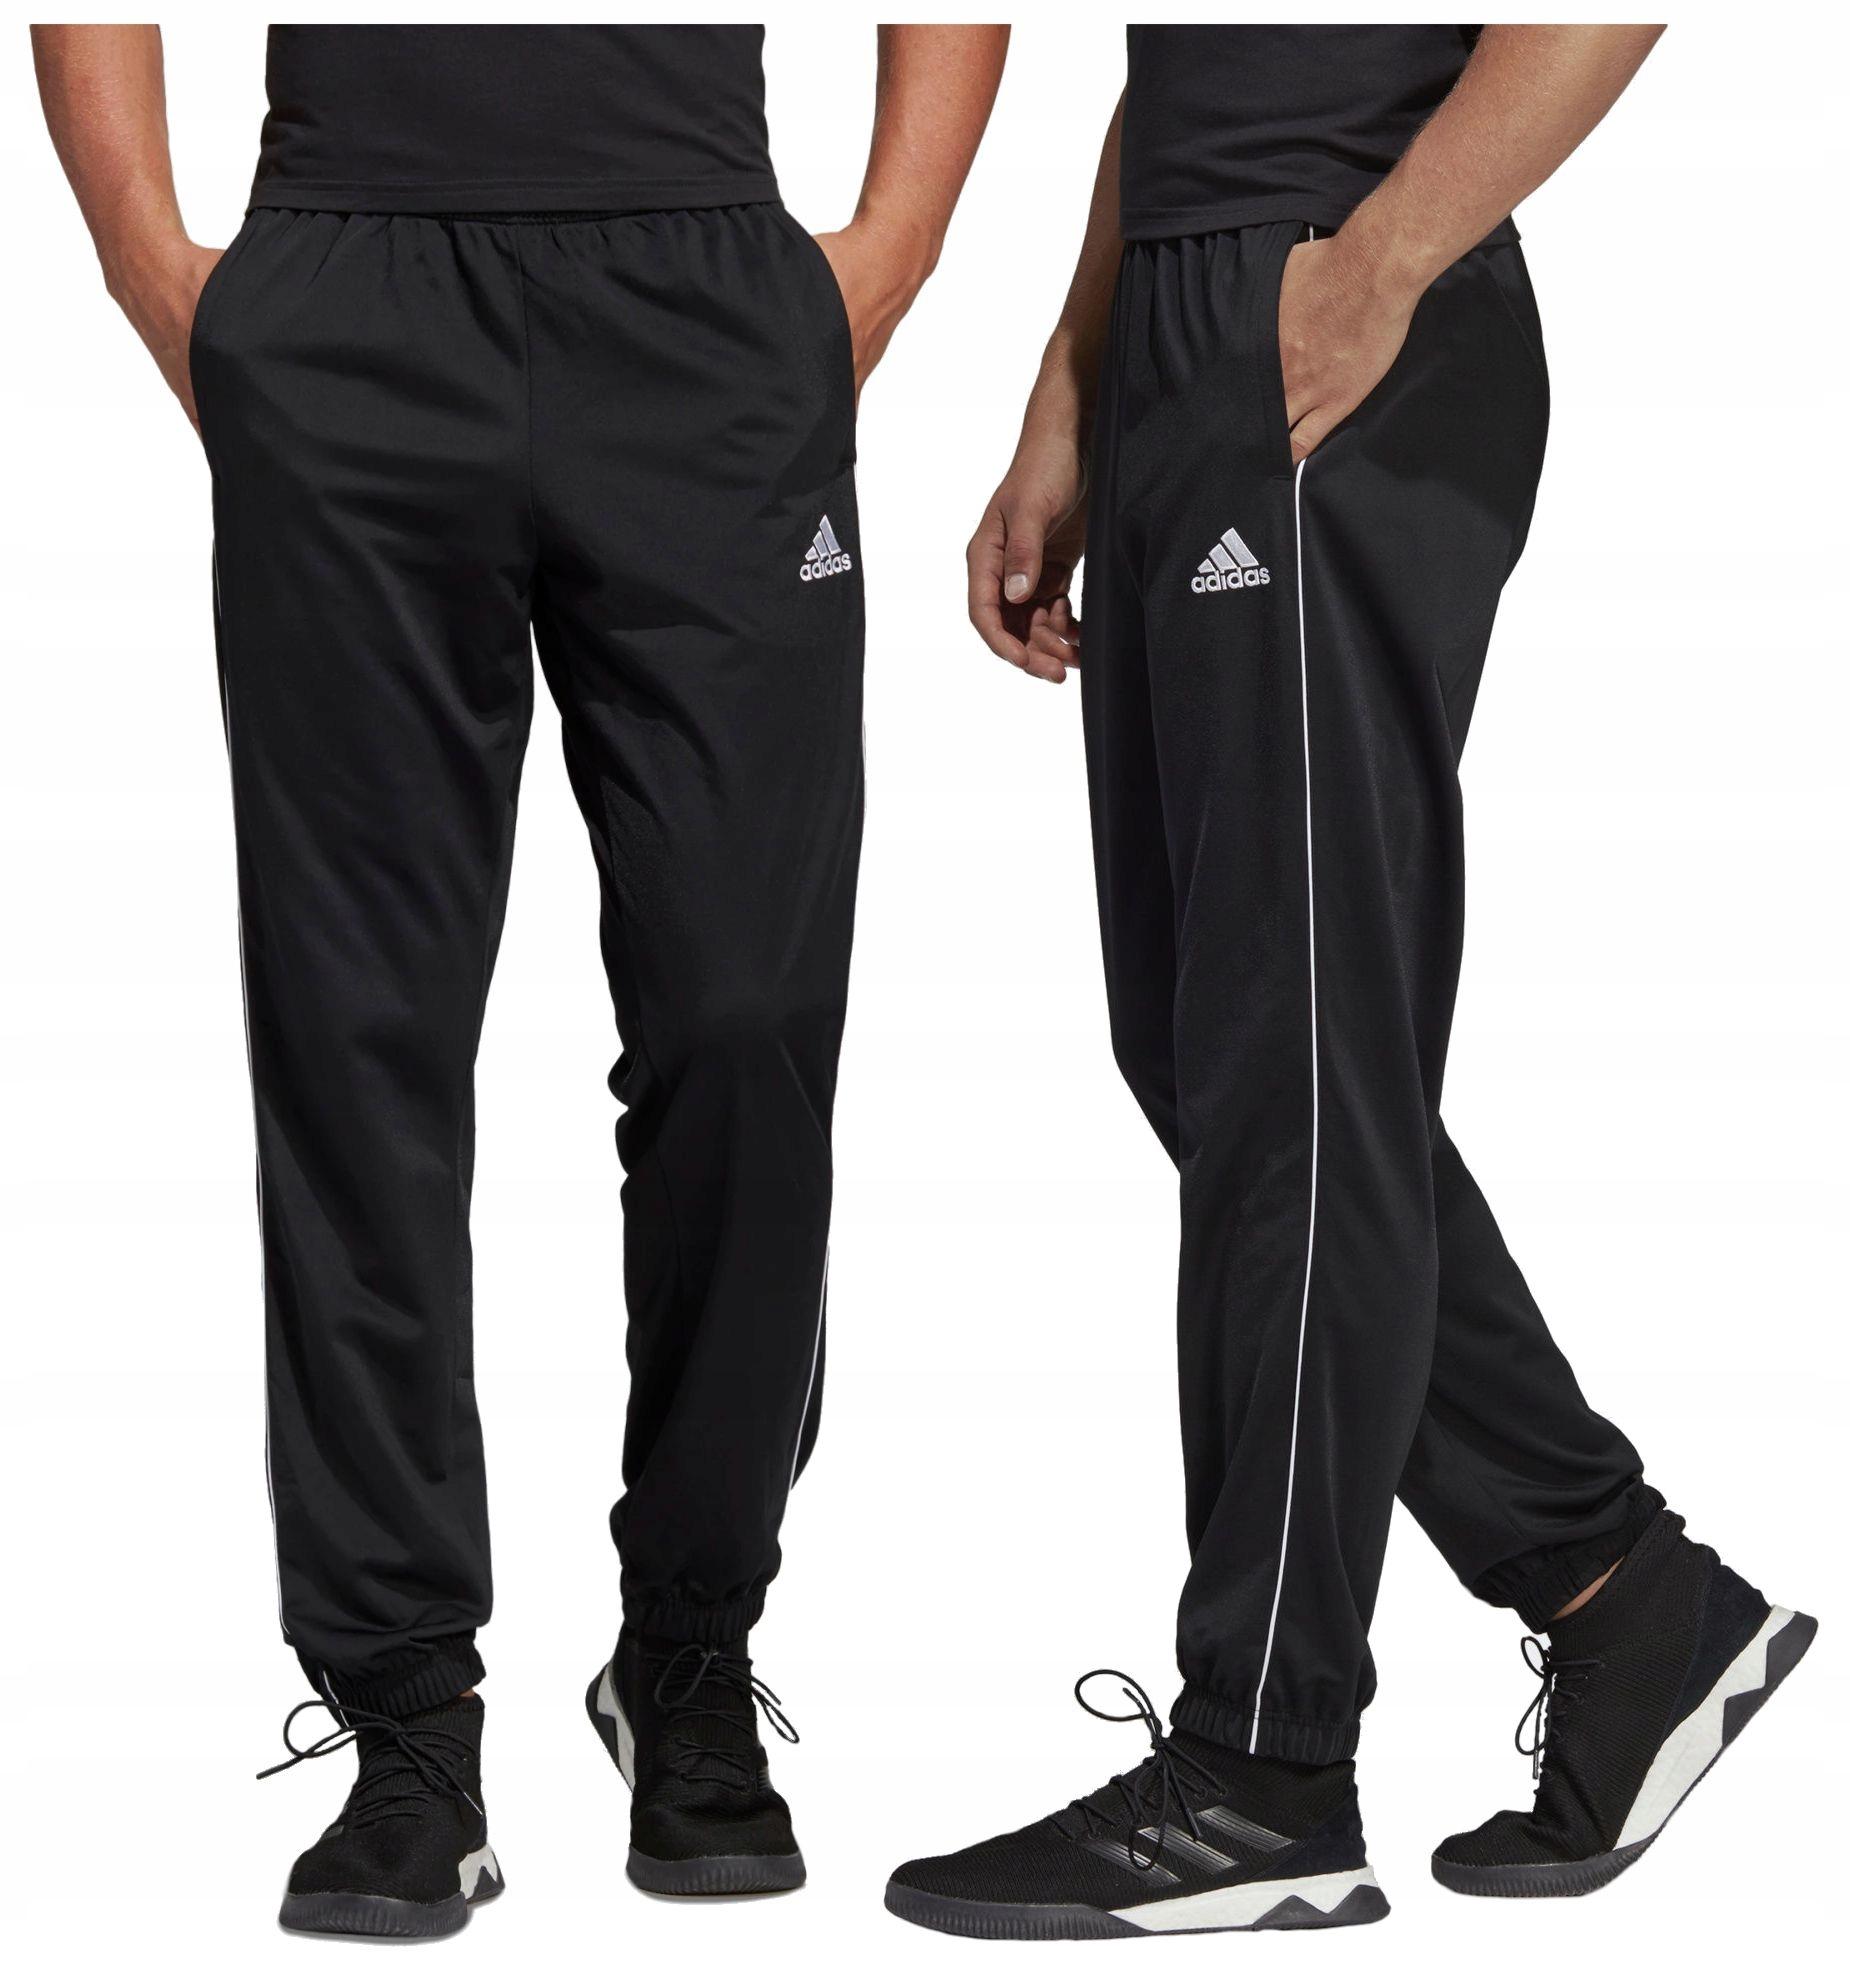 spodnie dresowe męskie adidas do biegania